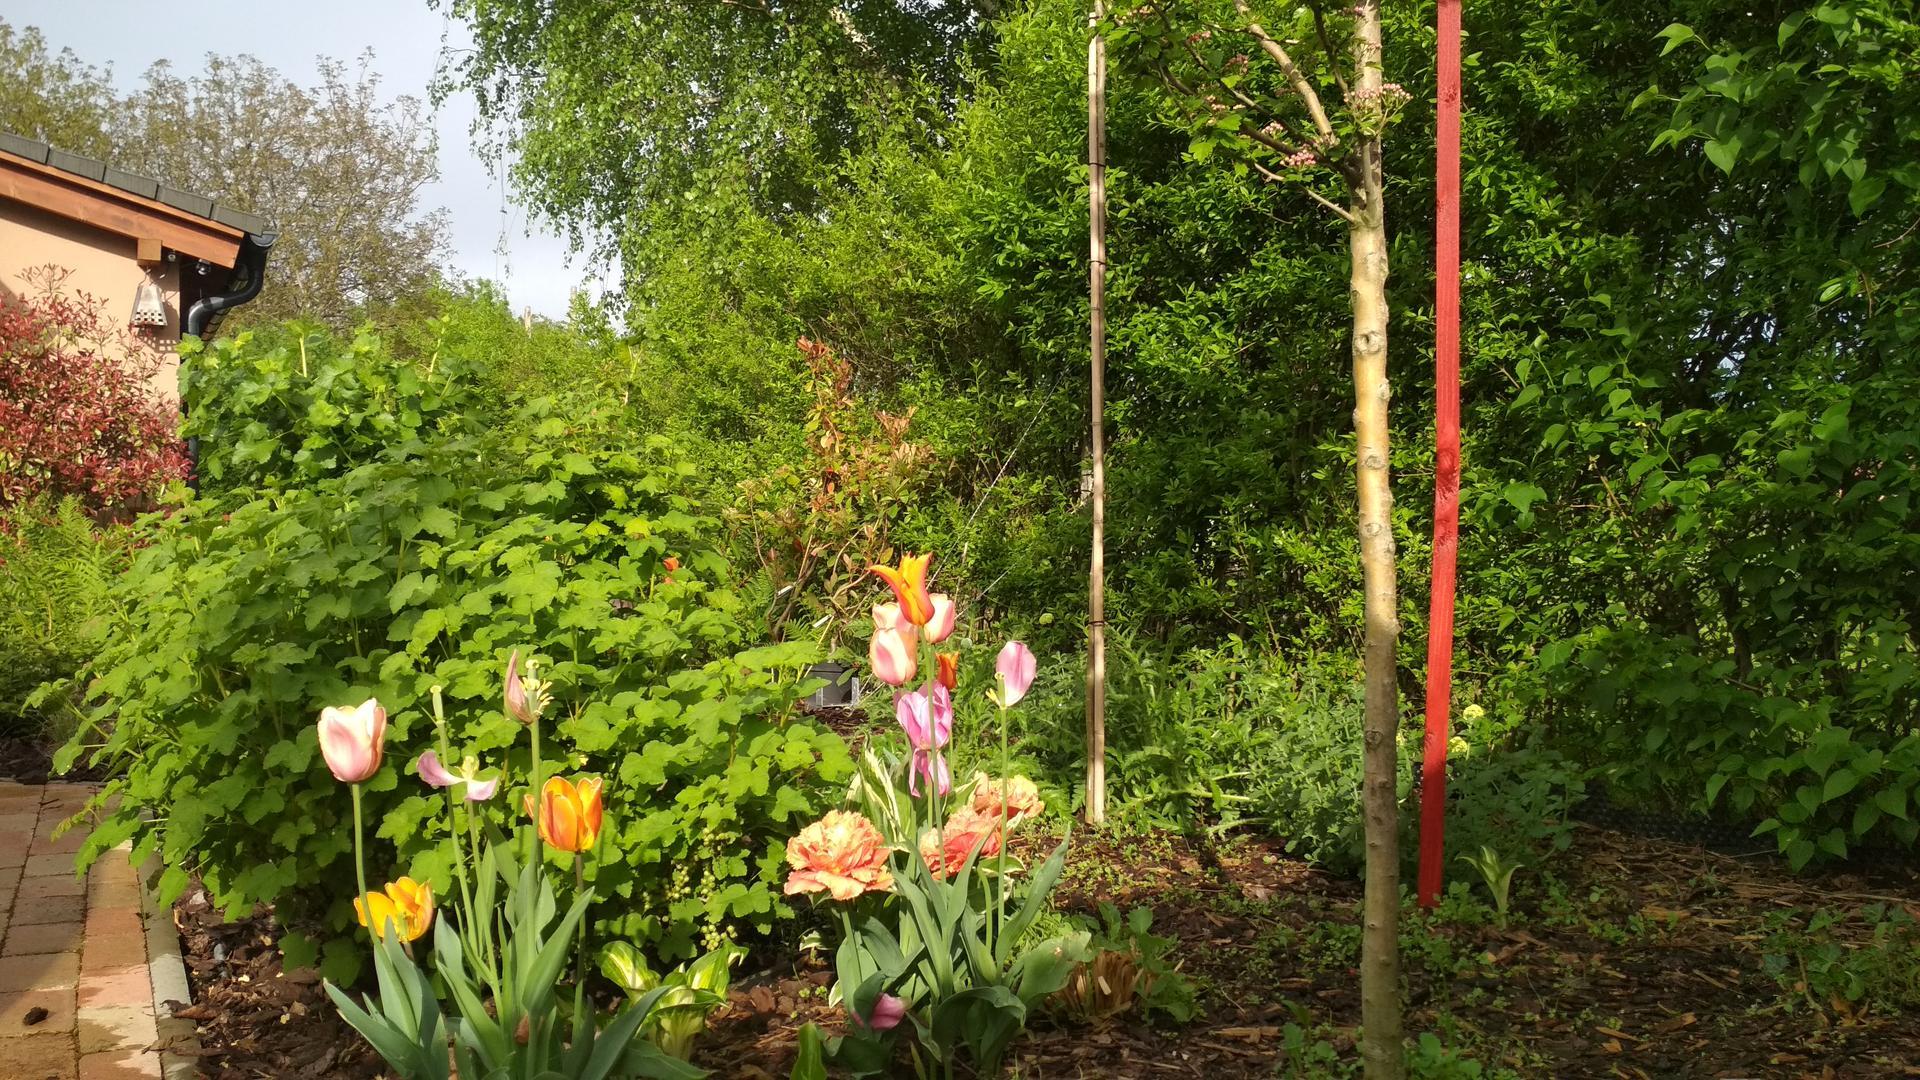 záhrada vidiecka, farebná rok 2021 - Obrázok č. 55